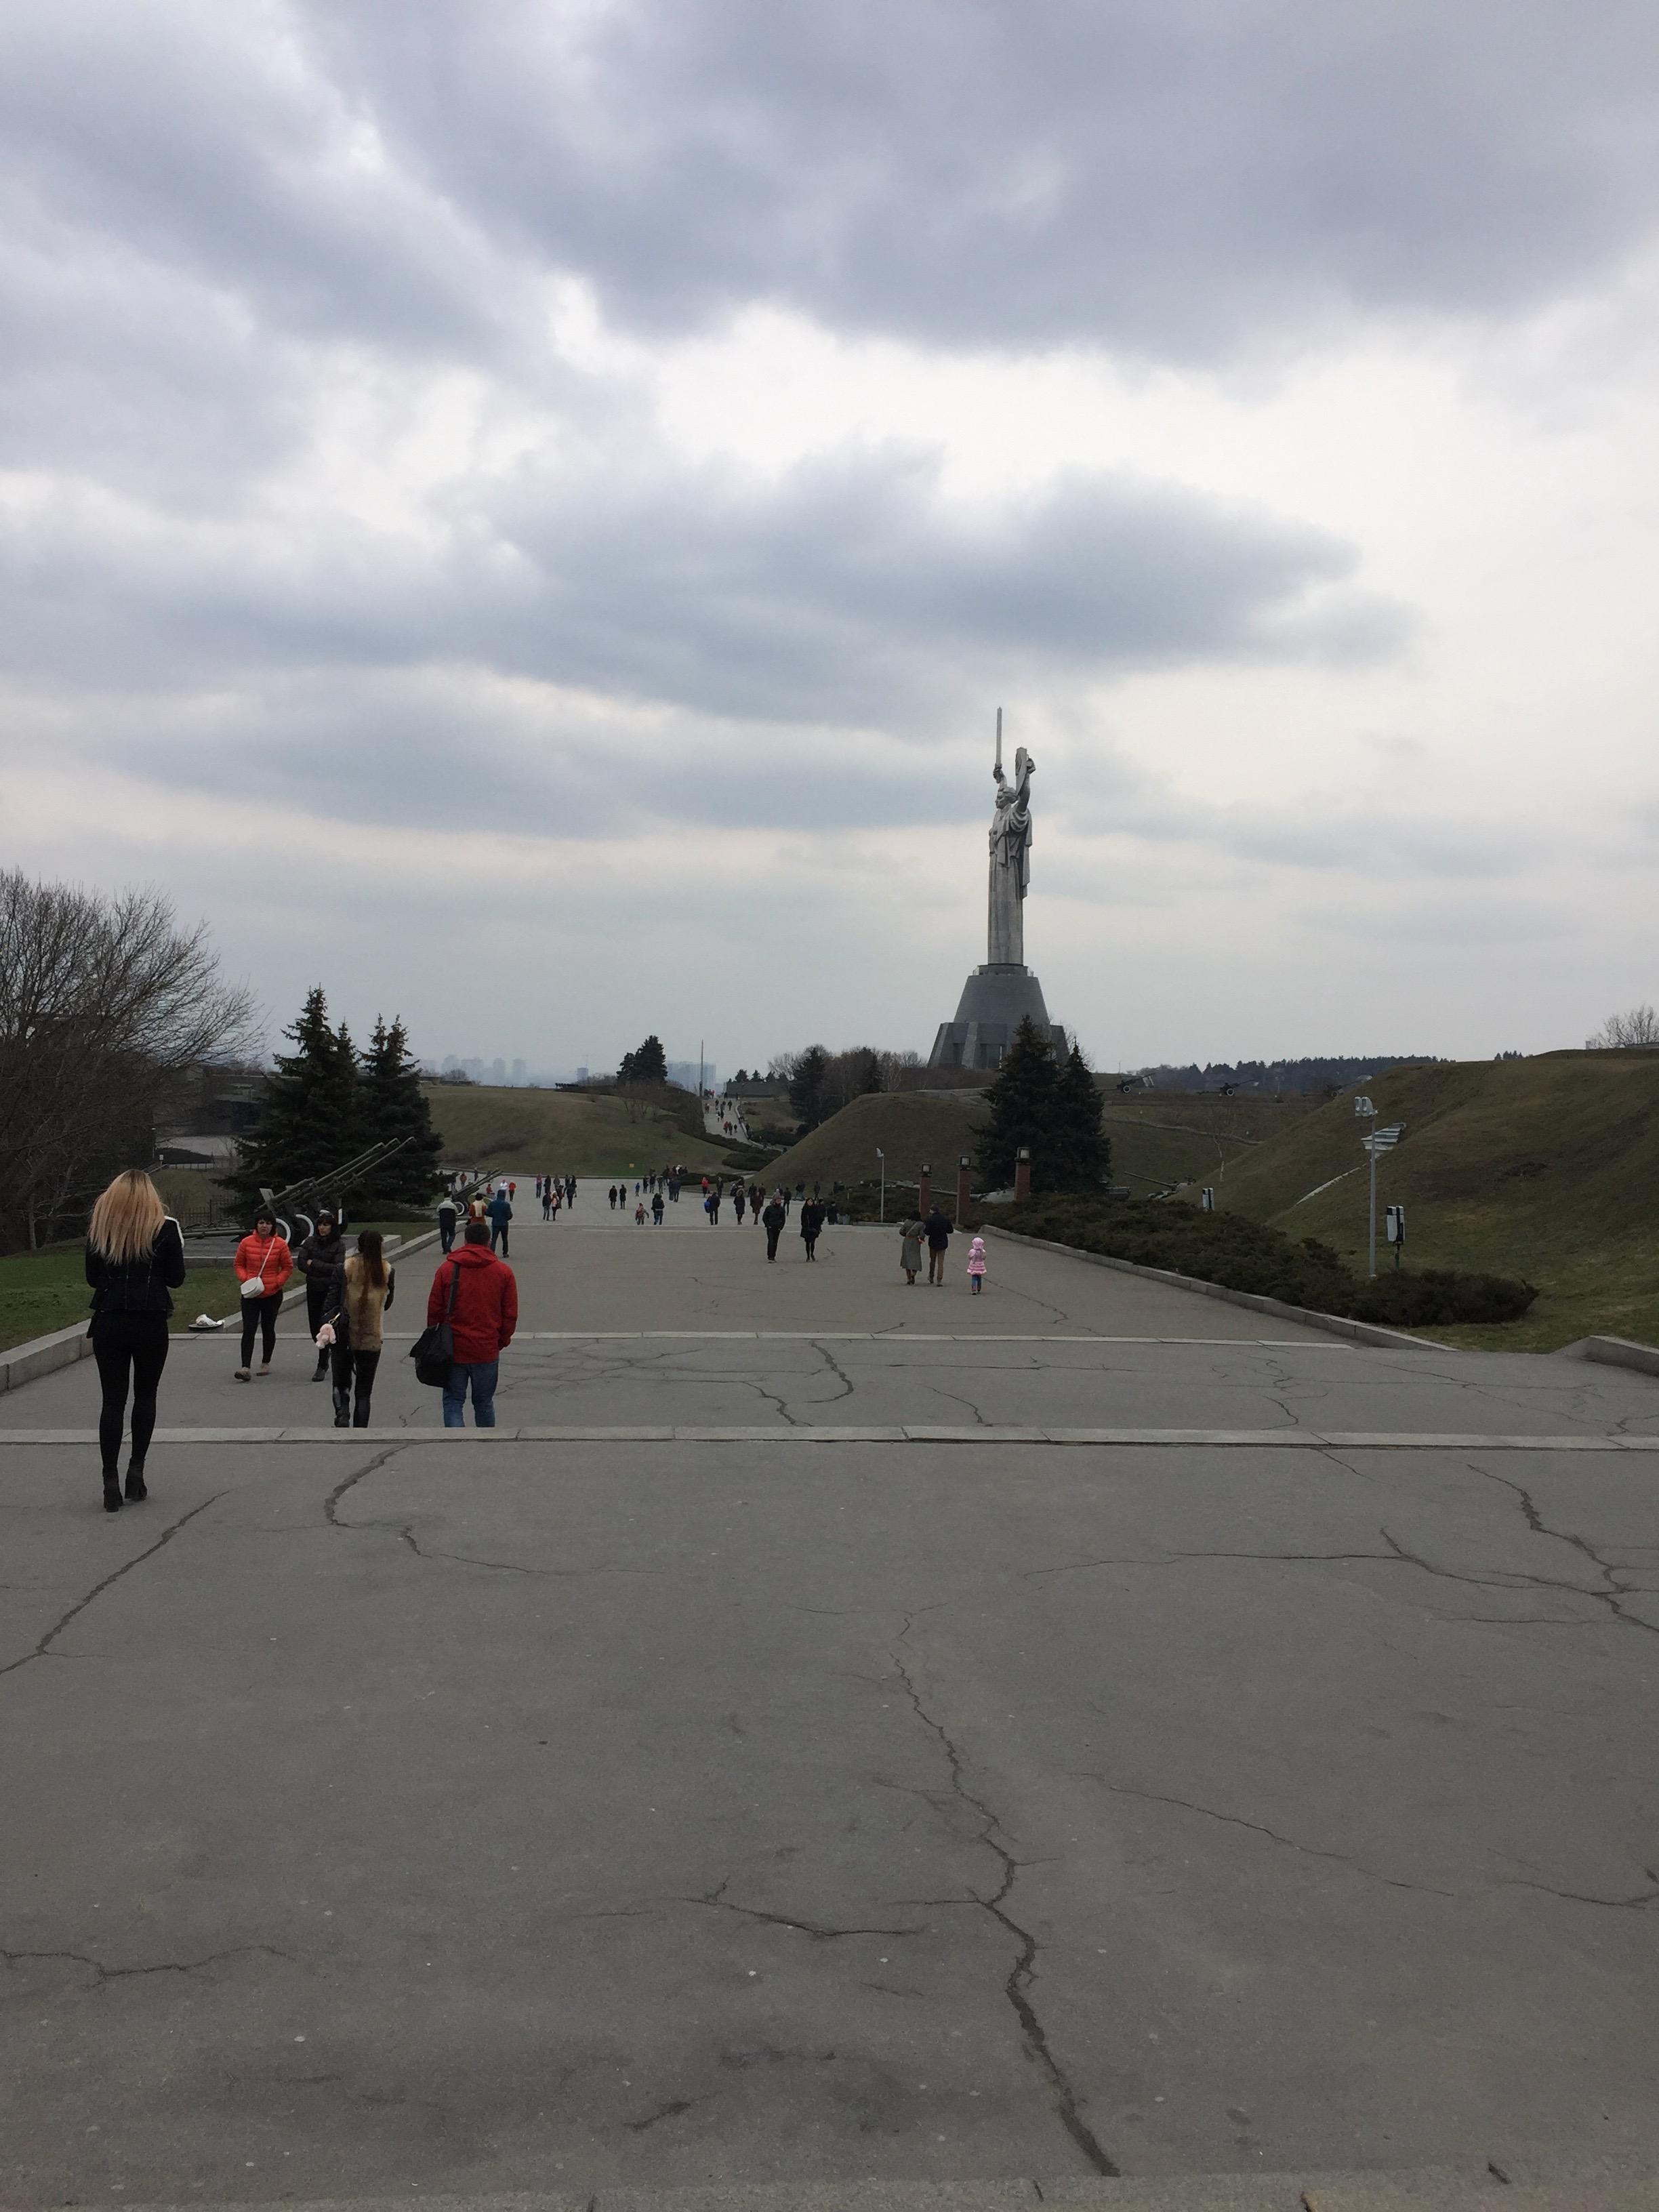 大祖国戦争の永遠の栄光の兵士の公園